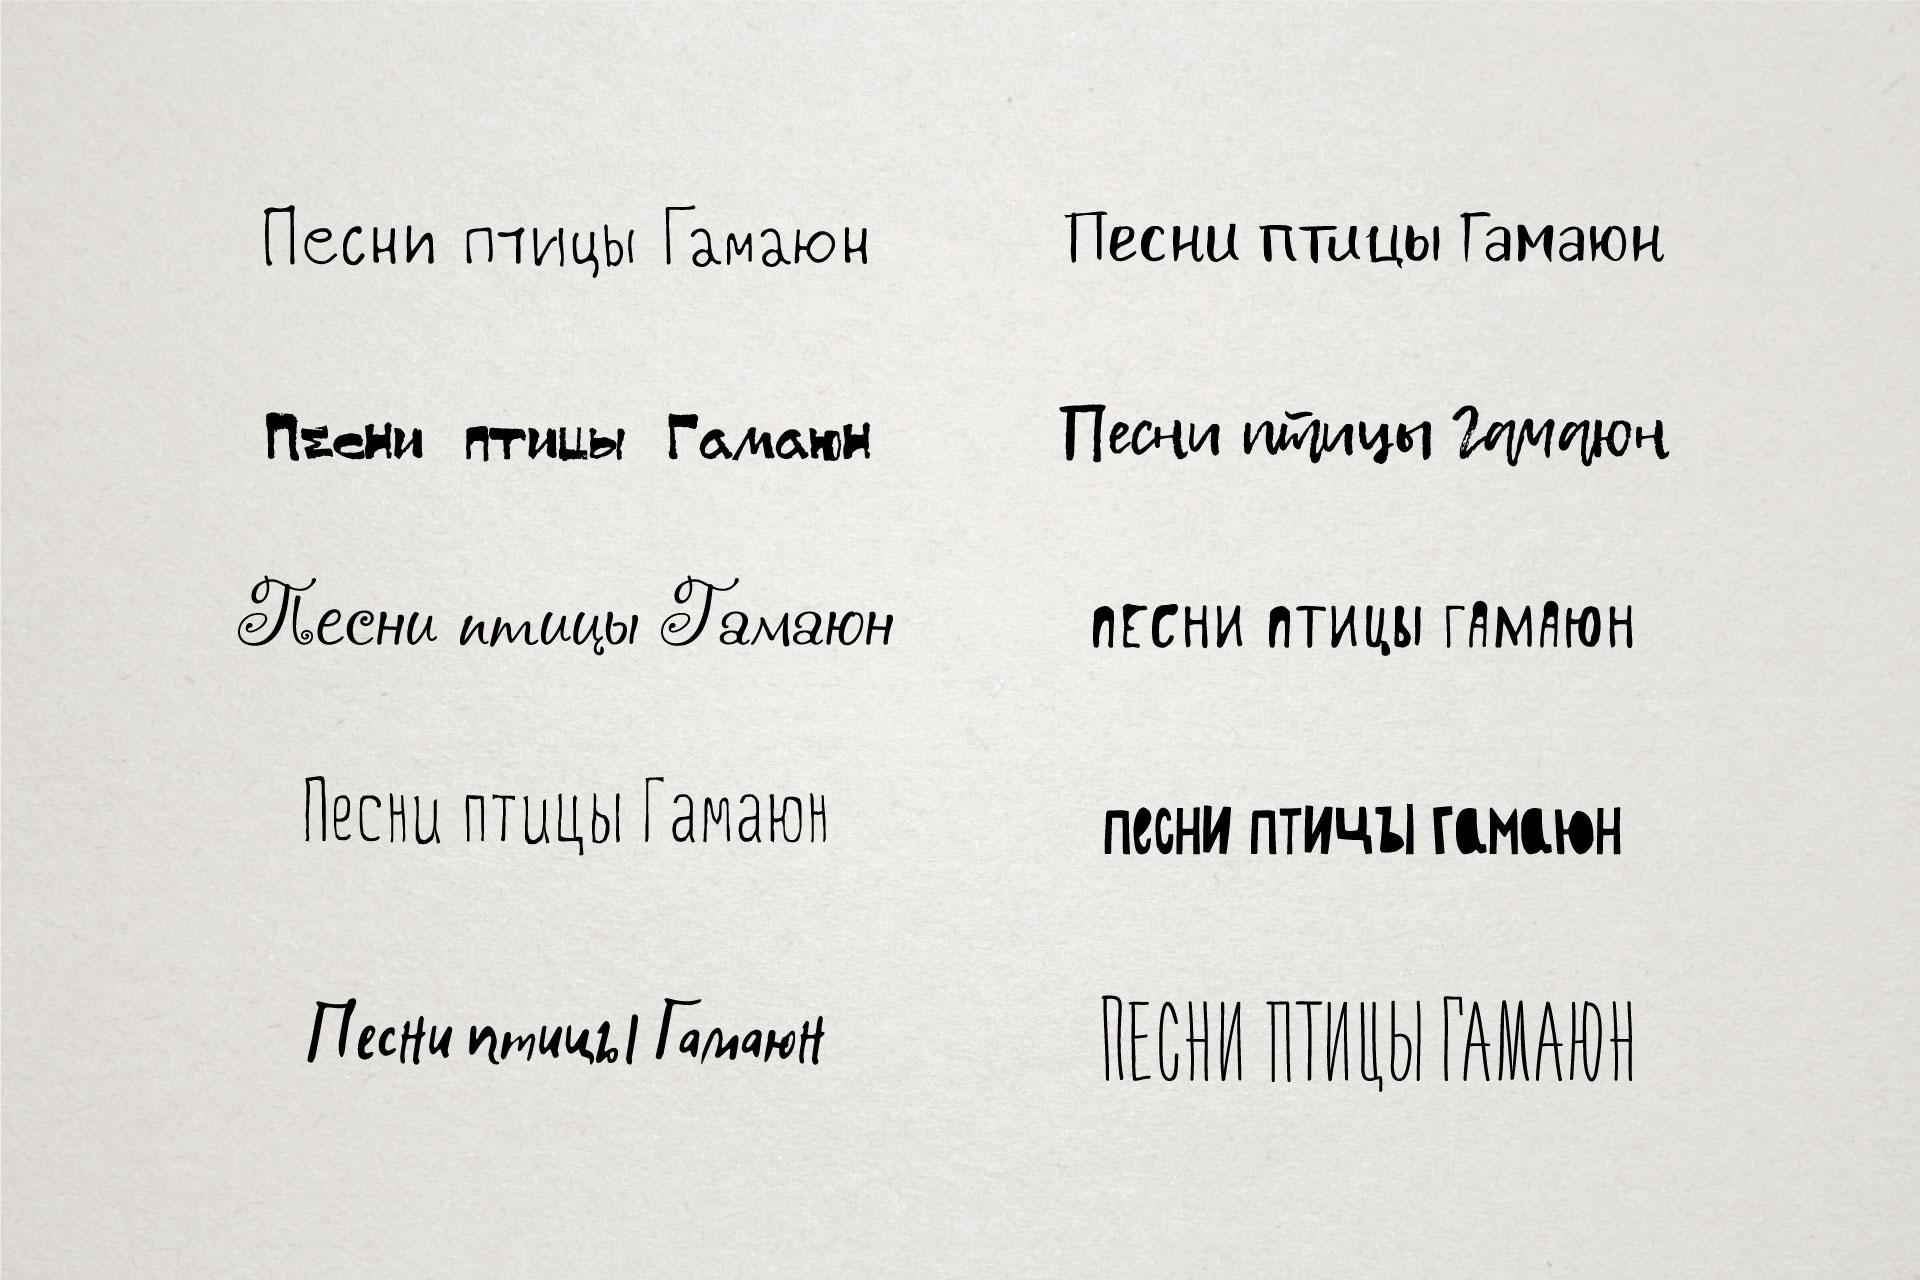 Een lettertype kiezen voor de naam van het muziekalbum